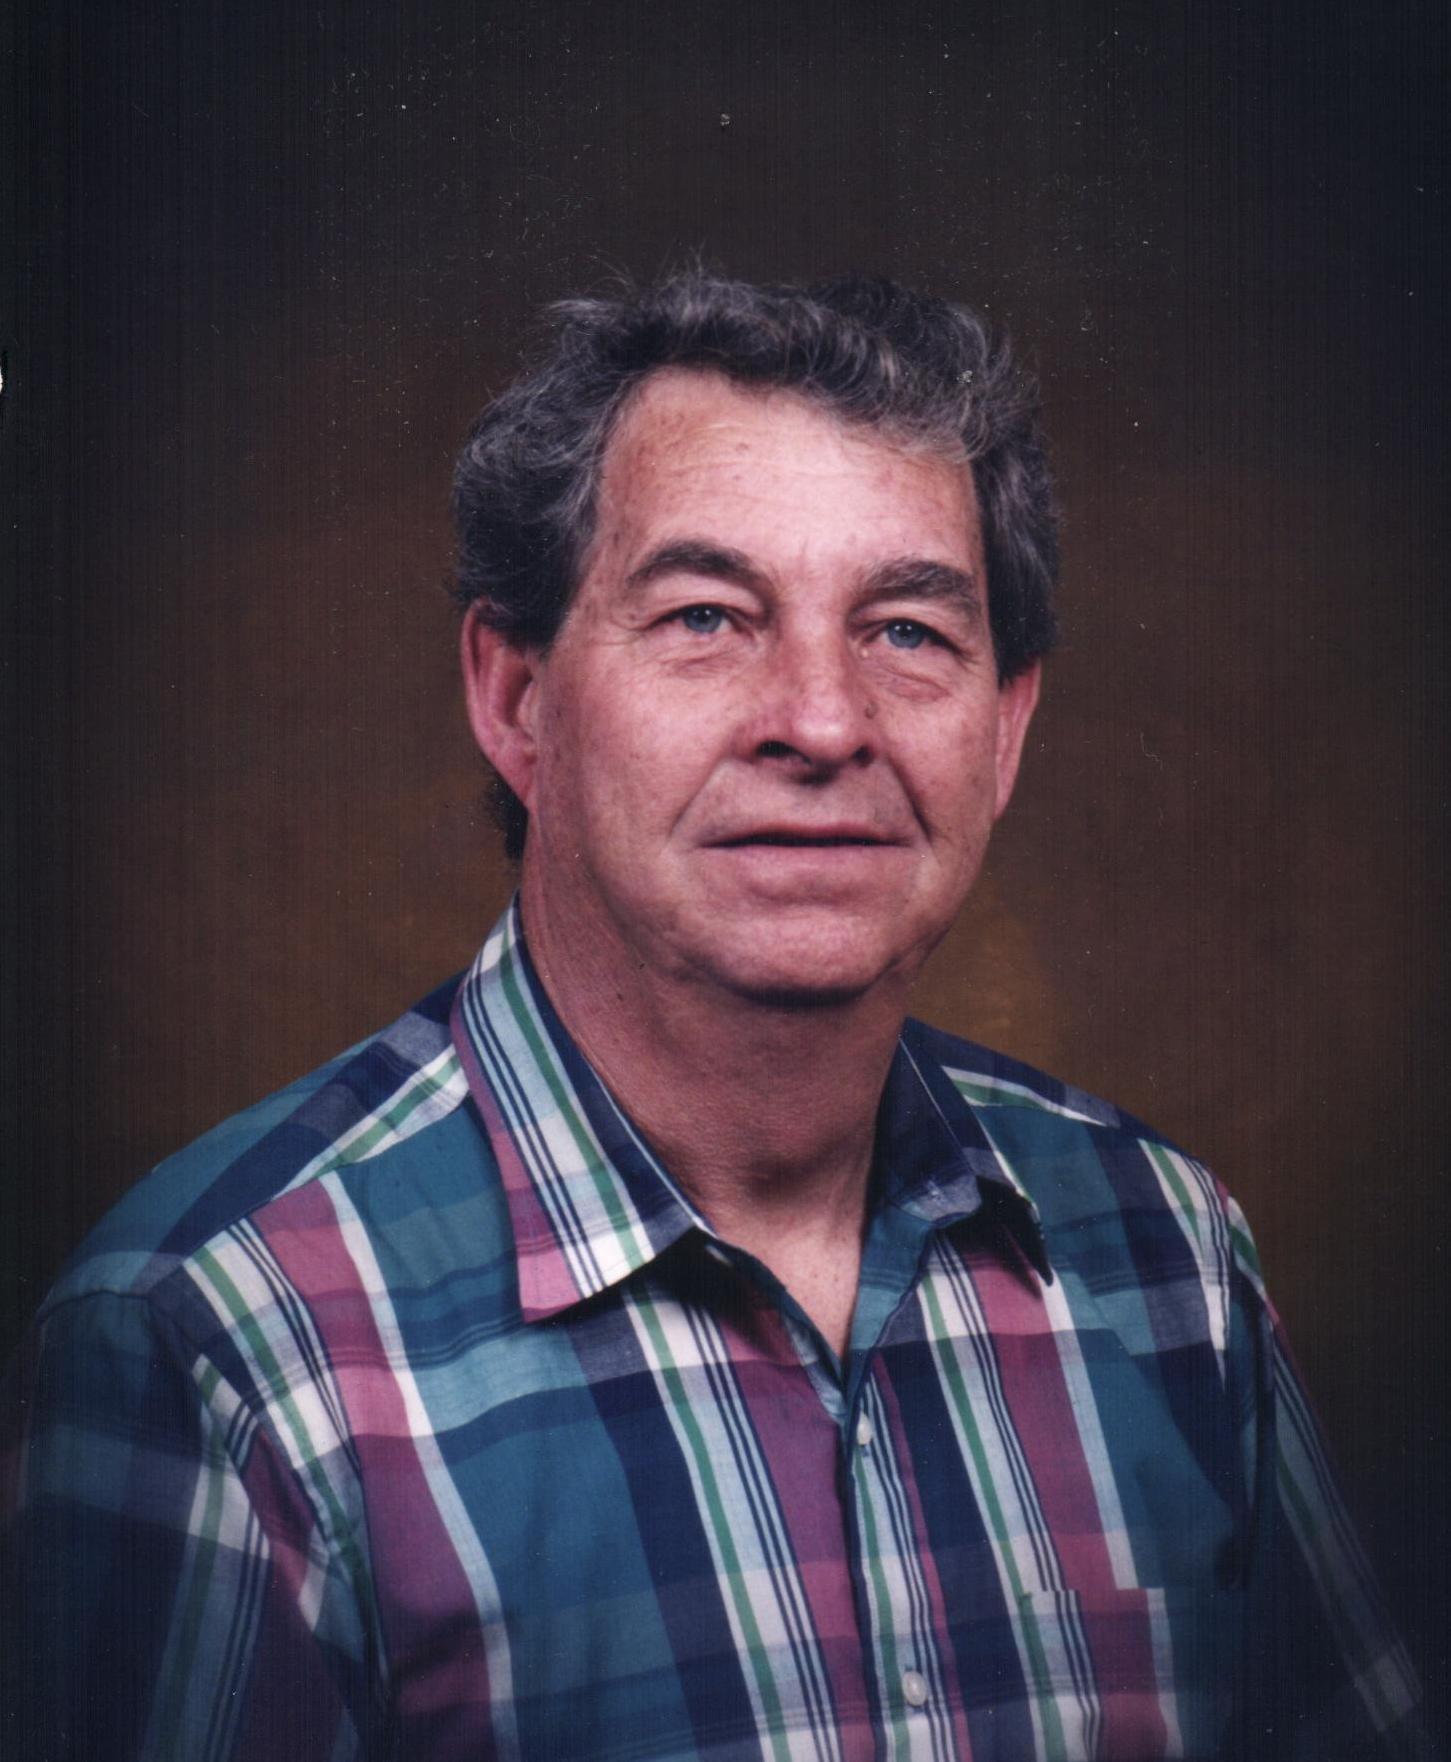 Richard Keith biography